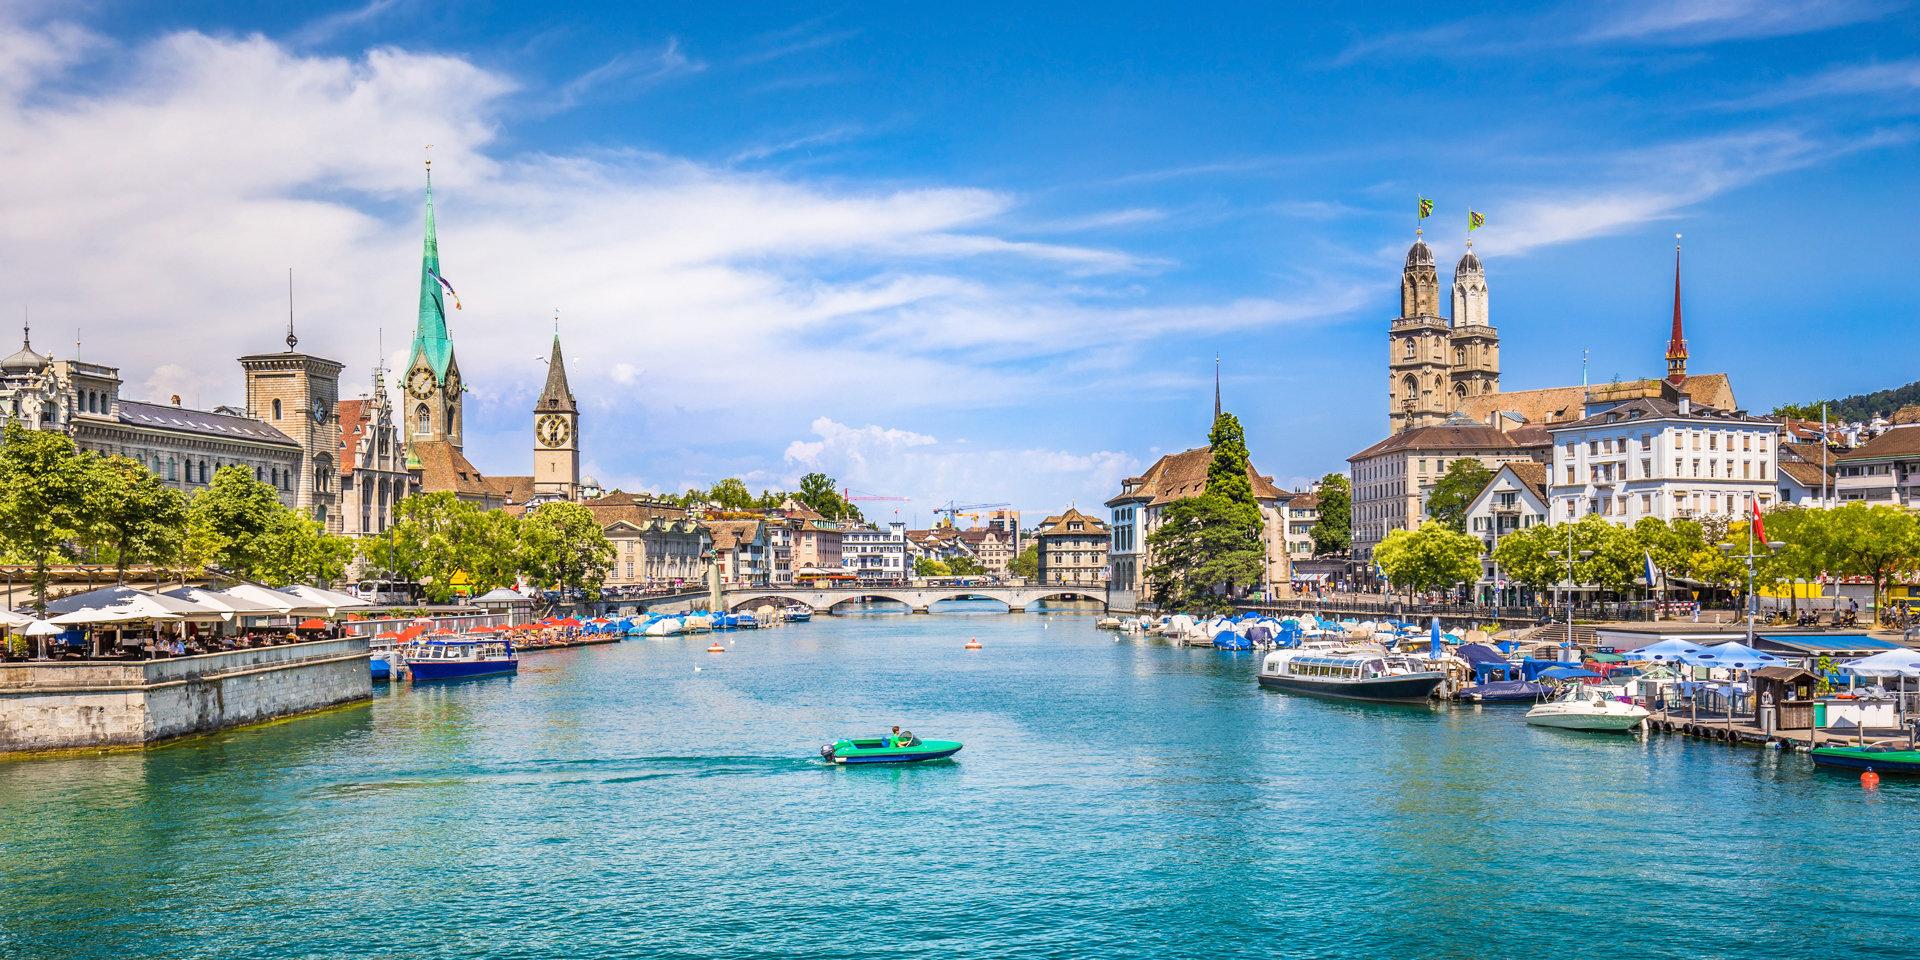 Названы 15 самых дорогих для проживания городов мира